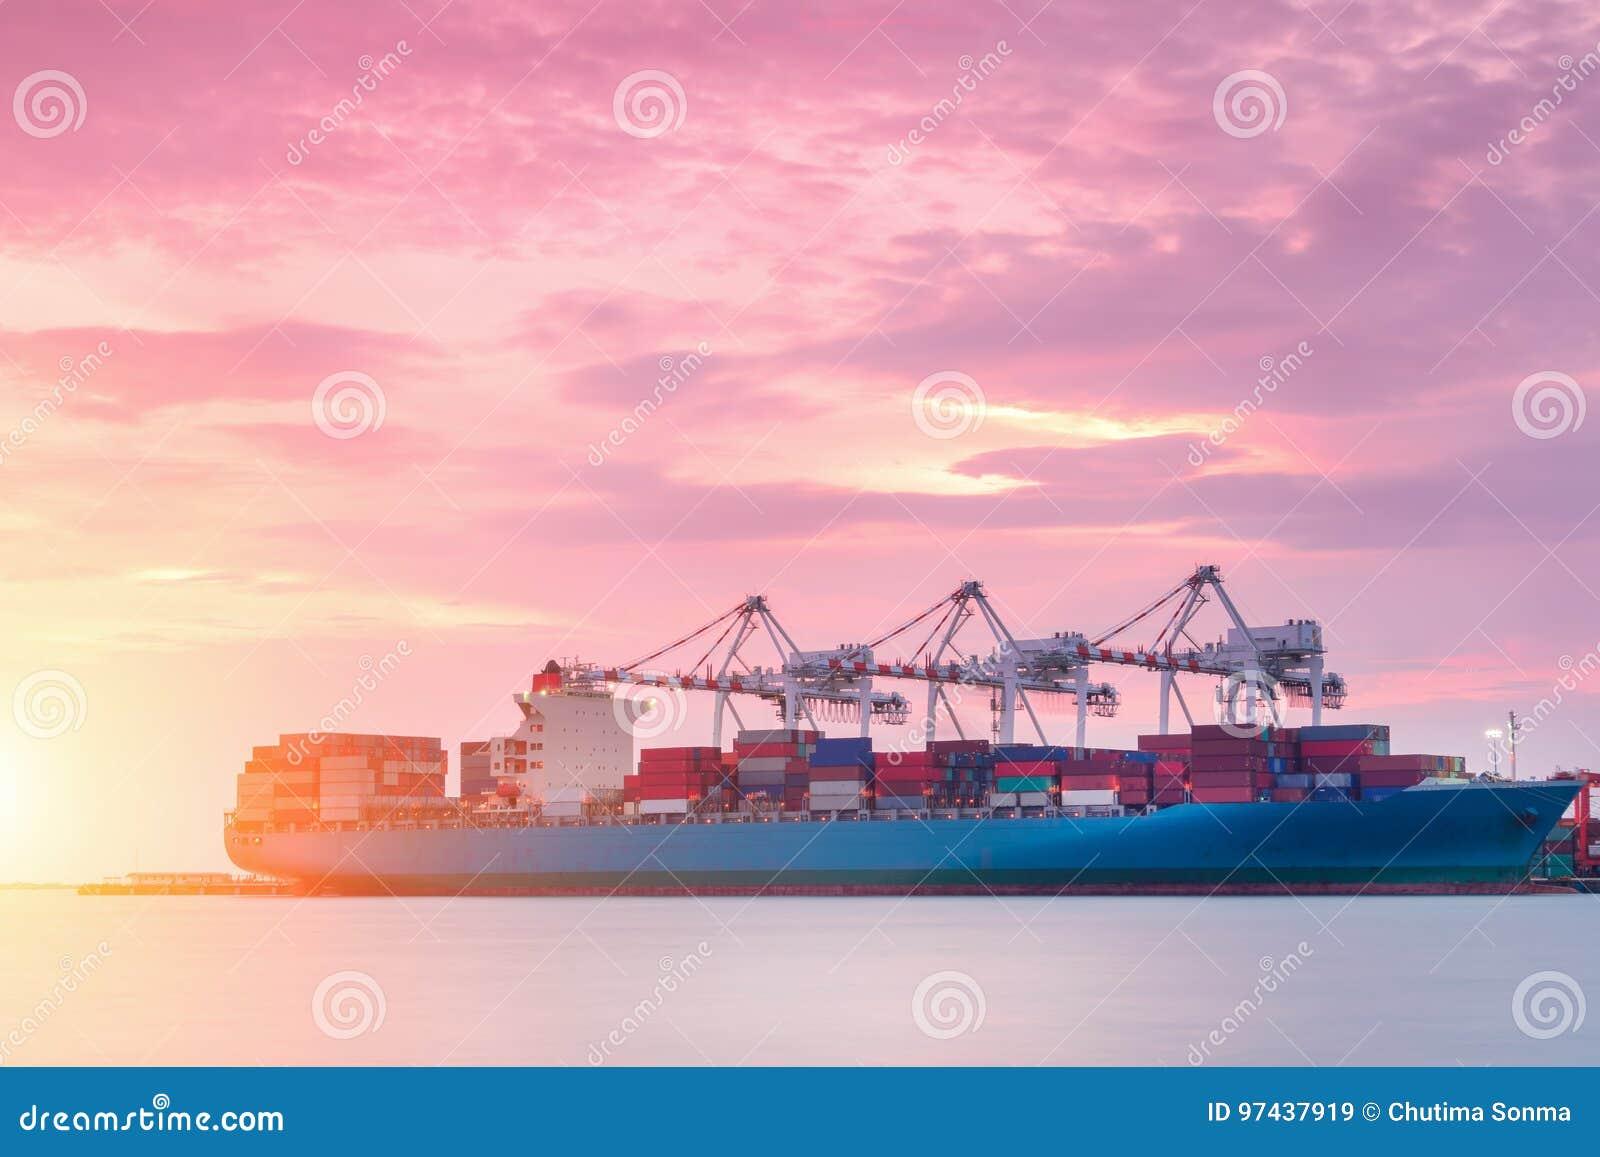 Σκάφος φορτίου φορτίου εμπορευματοκιβωτίων με τη λειτουργώντας γέφυρα γερανών στο ναυπηγείο στο σούρουπο για τη λογιστική εισαγωγ